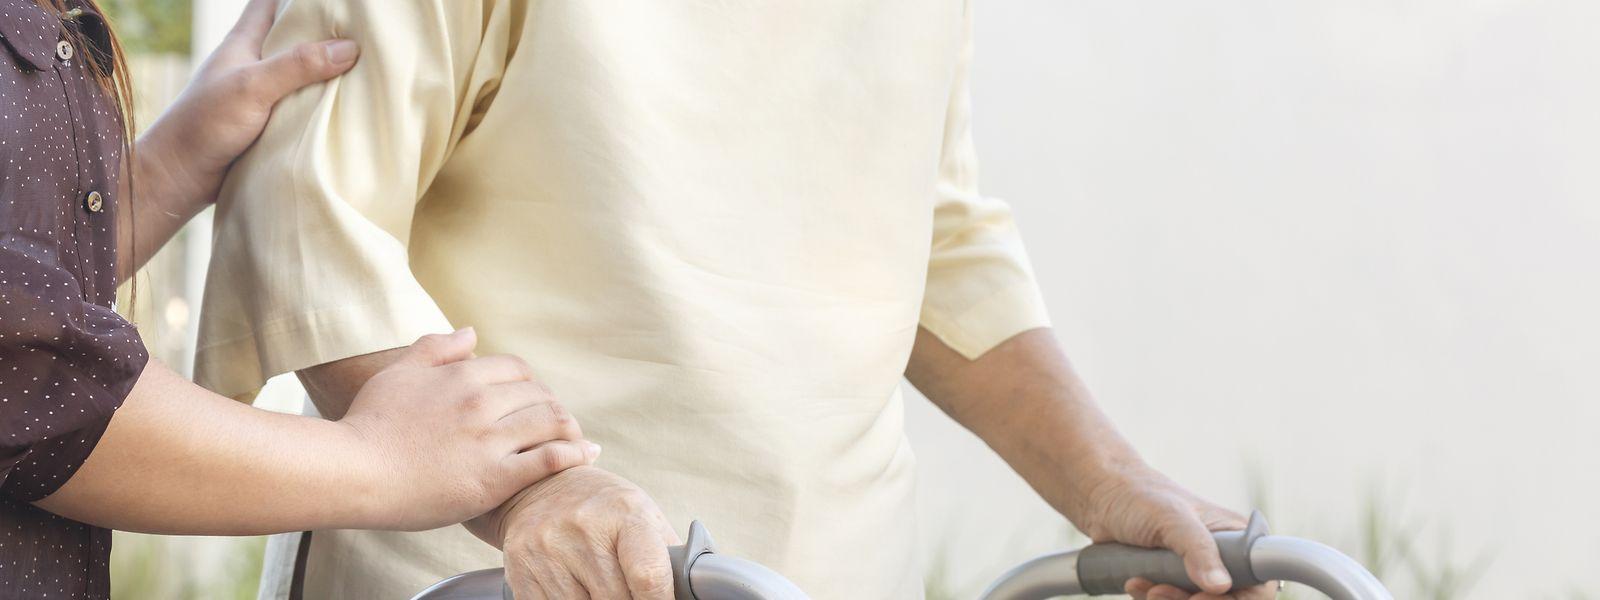 Wer sich aufgrund der Schließung von Einrichtungen um erwachsene Personen mit einer Behinderung oder ältere Menschen kümmern muss, kann fortan einen Sonderurlaub beantragen.